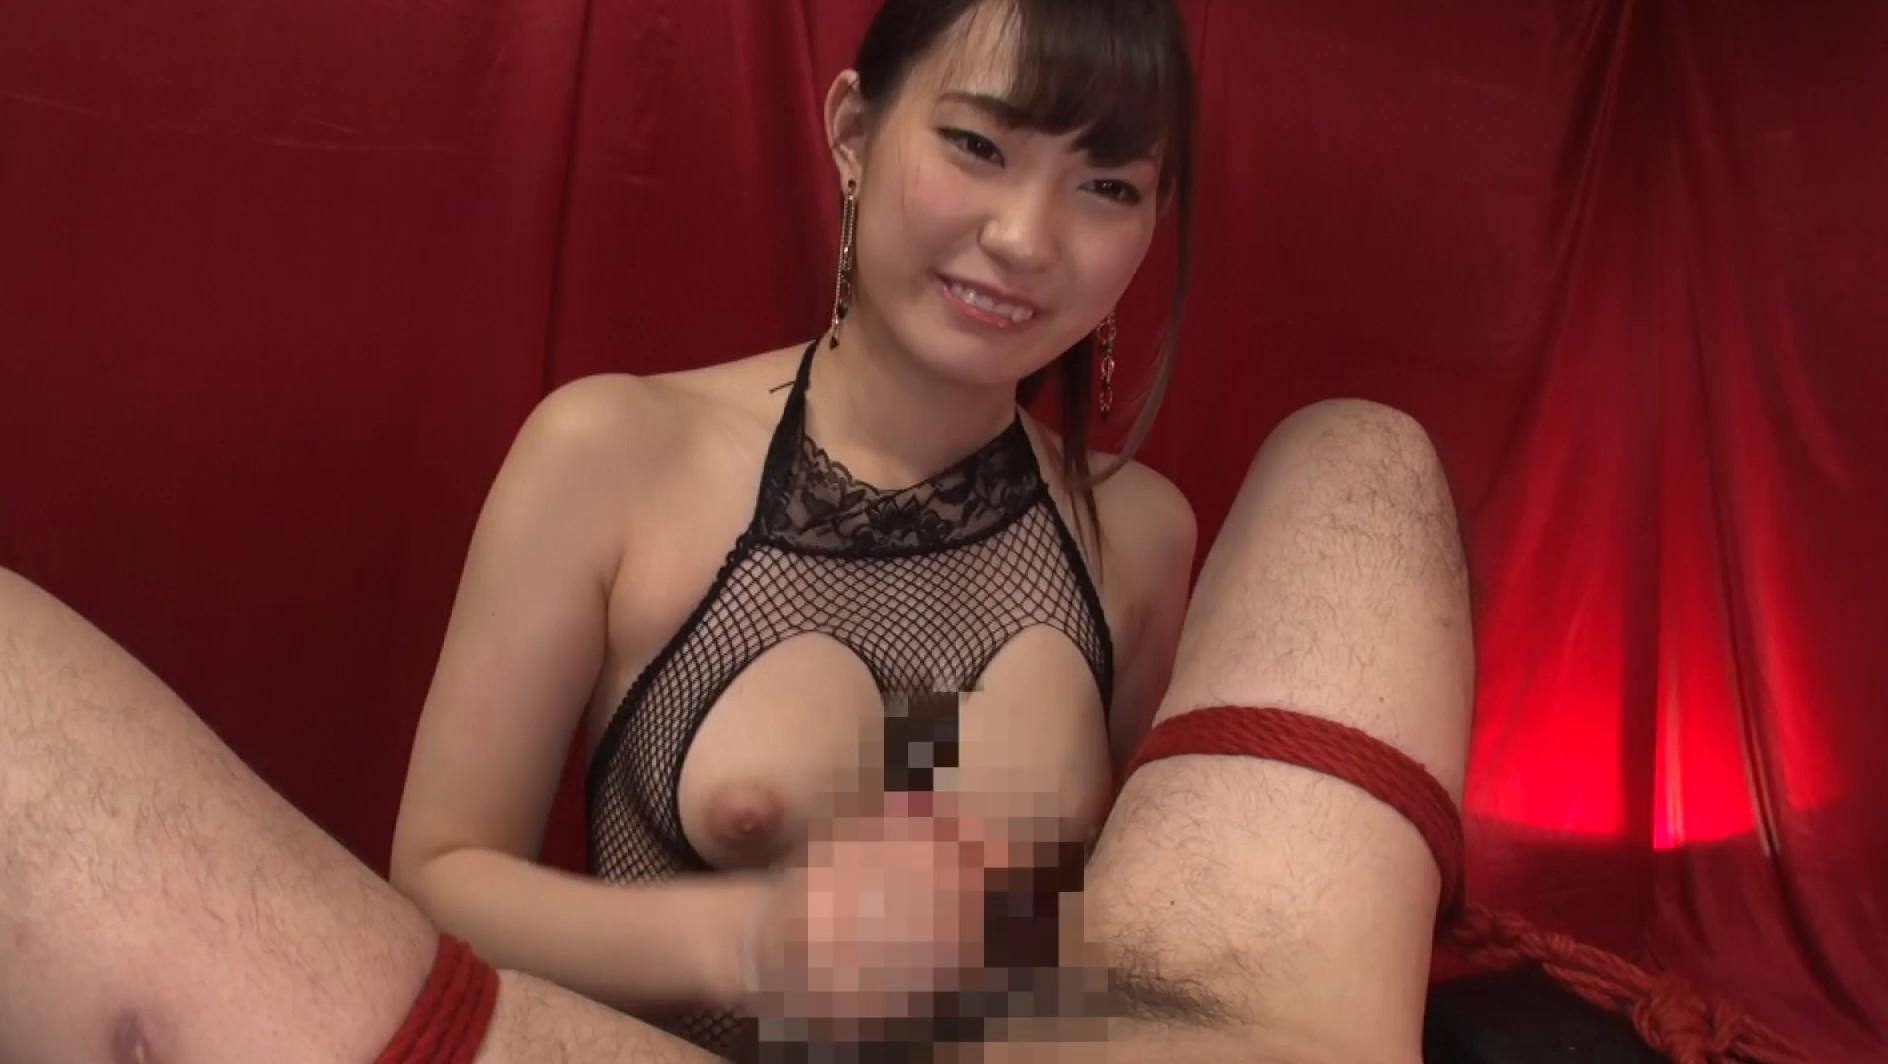 ドS痴女のM男弄び ベロキス手コキ乳首責め 4時間 画像12